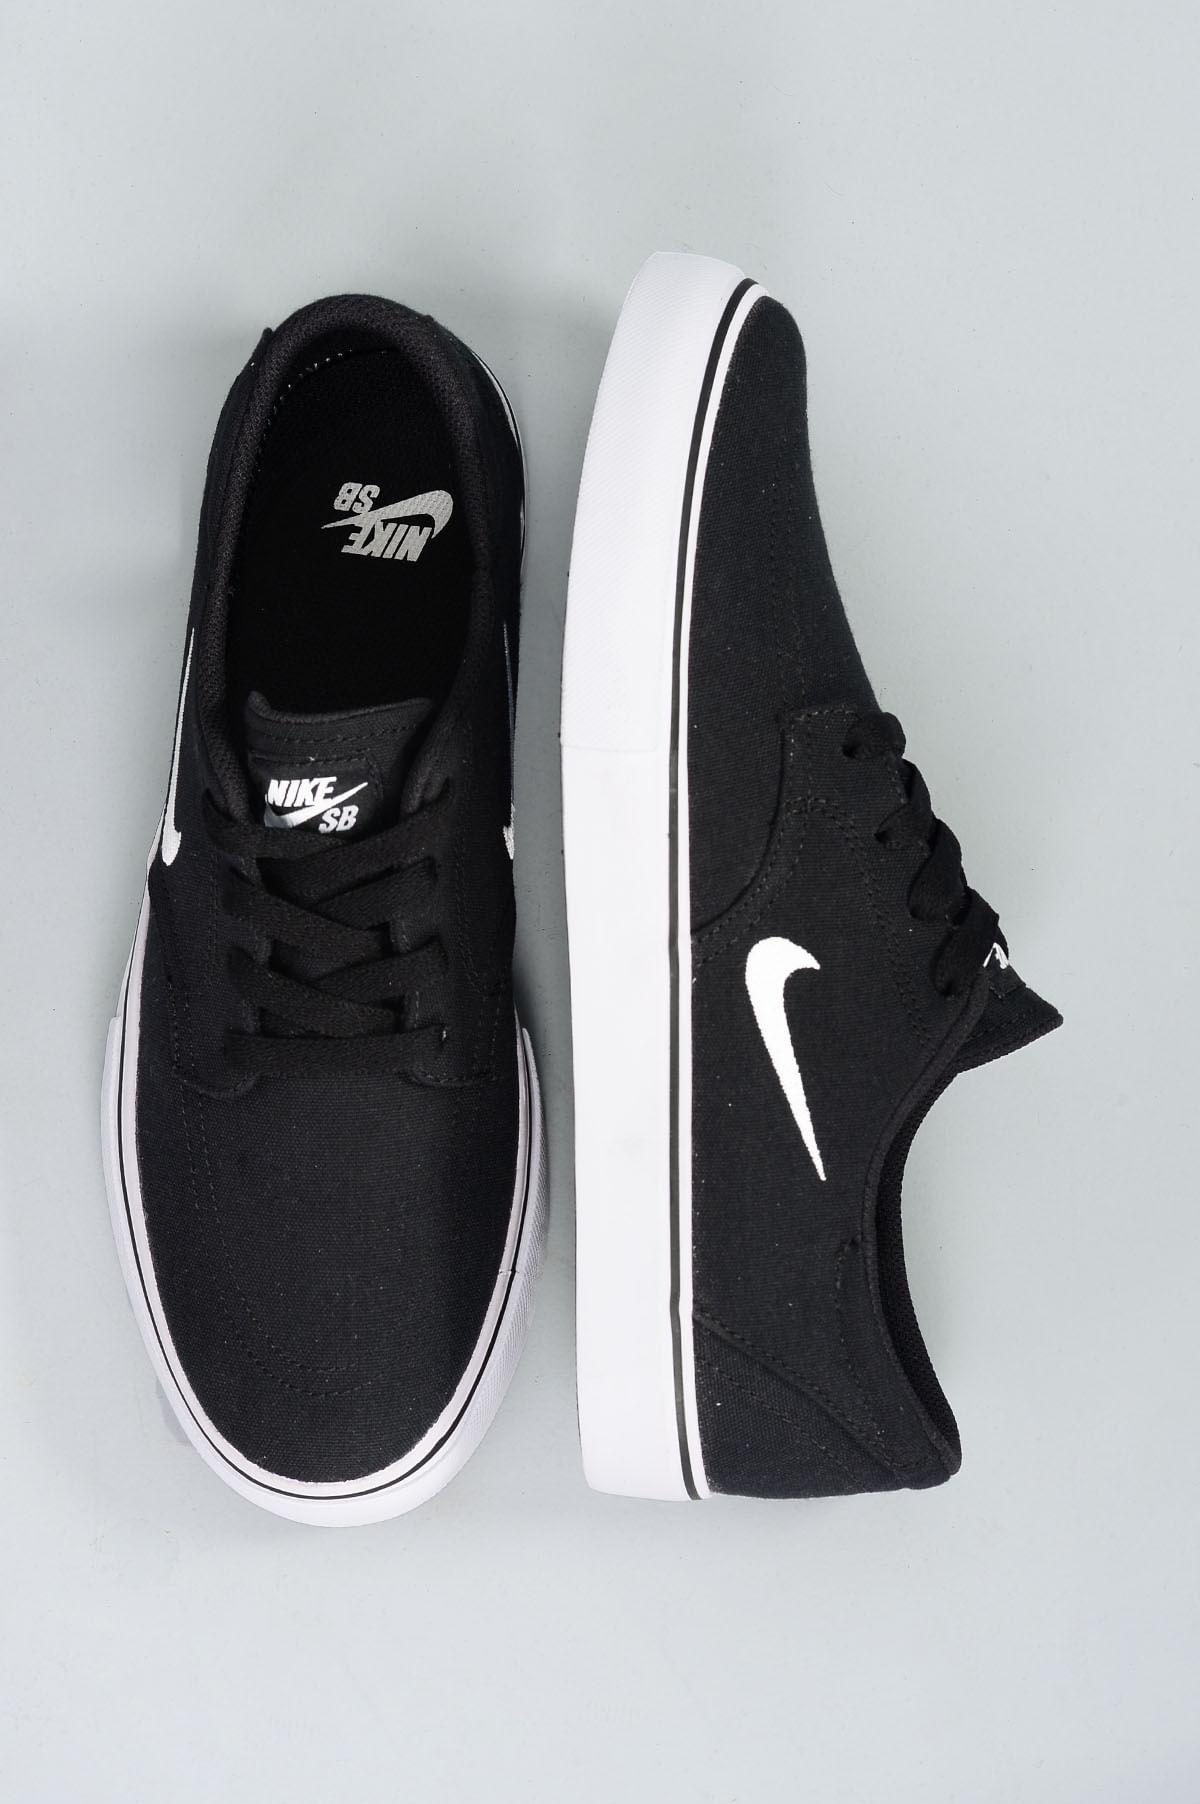 ede593f8608 Tênis Nike Sb Clutch Skateboarding Shoe TEC - PRETO - Mundial Calçados